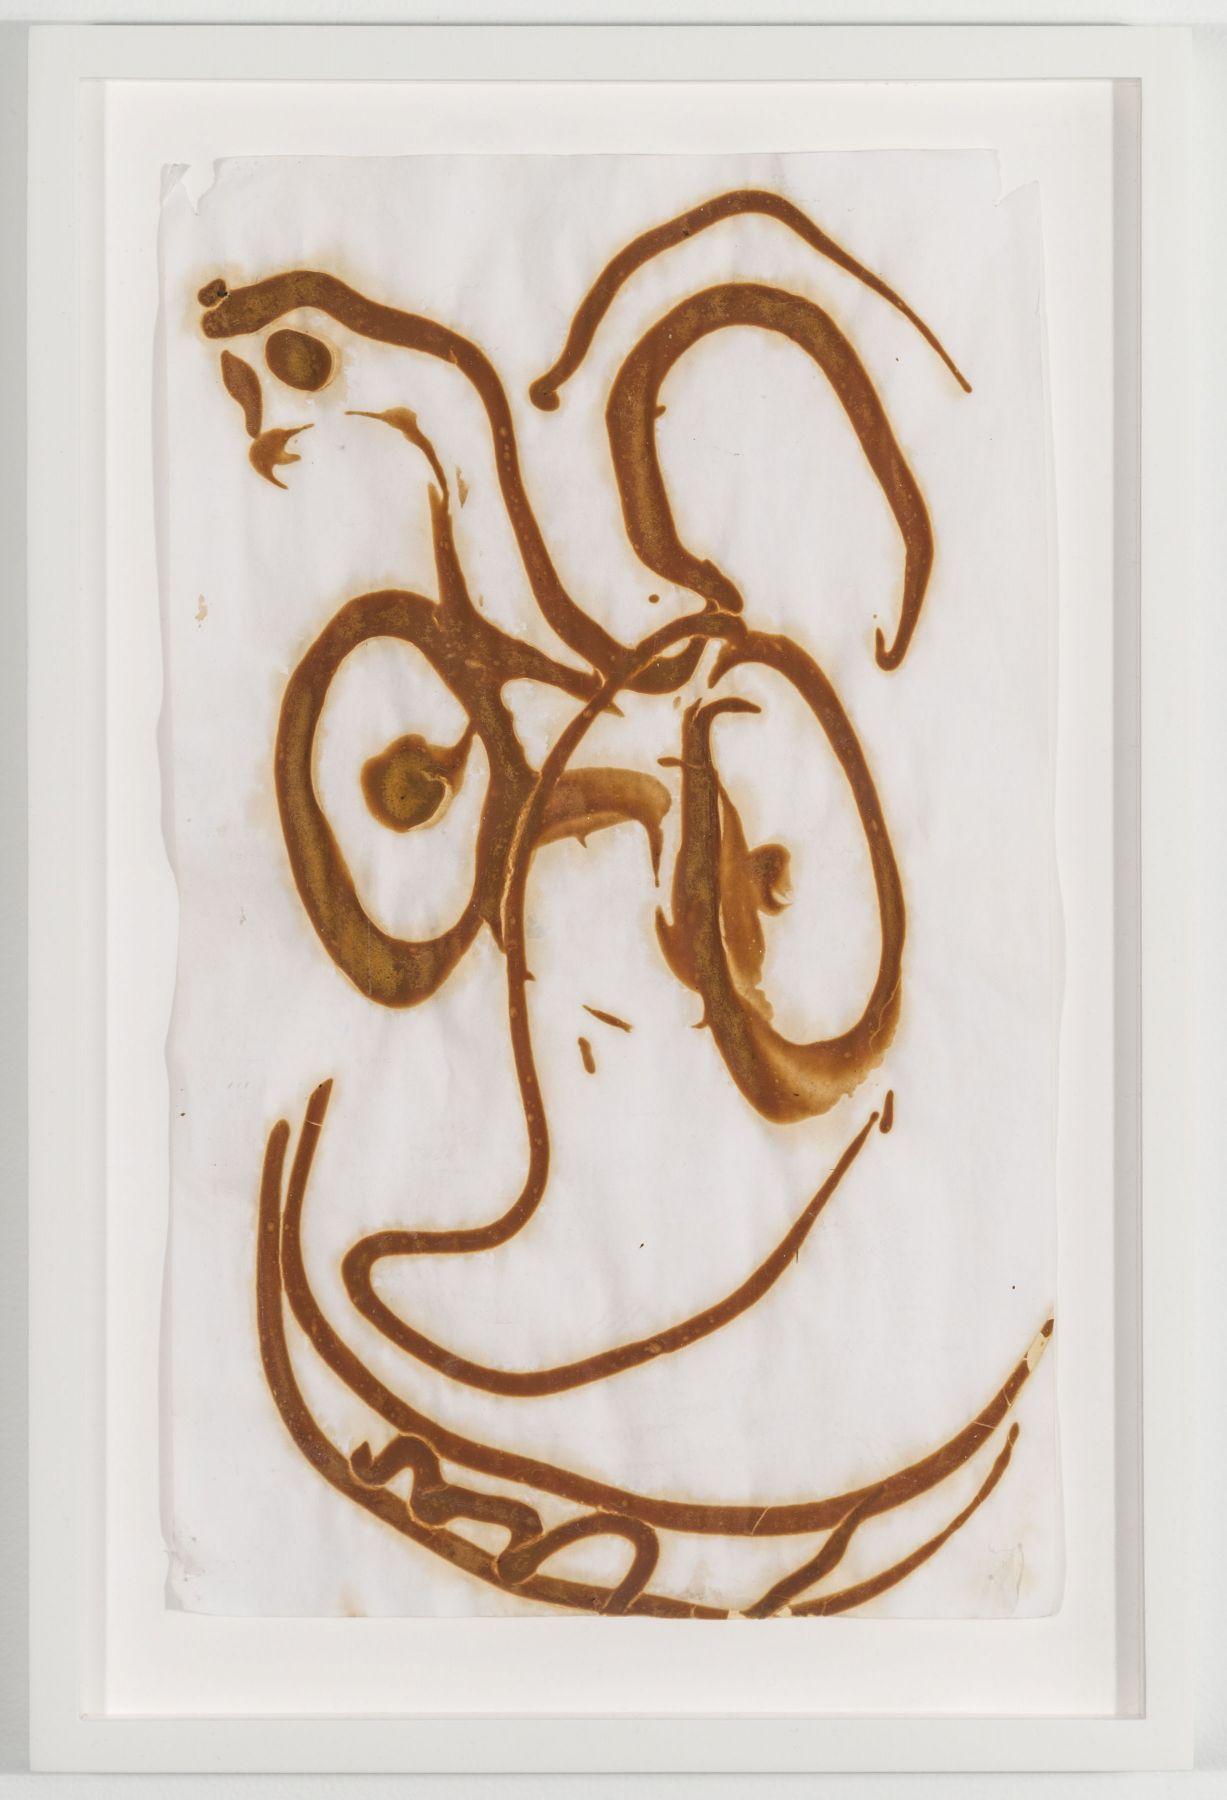 BRIAN BELOTT, Mustard Drawing (Face),2015